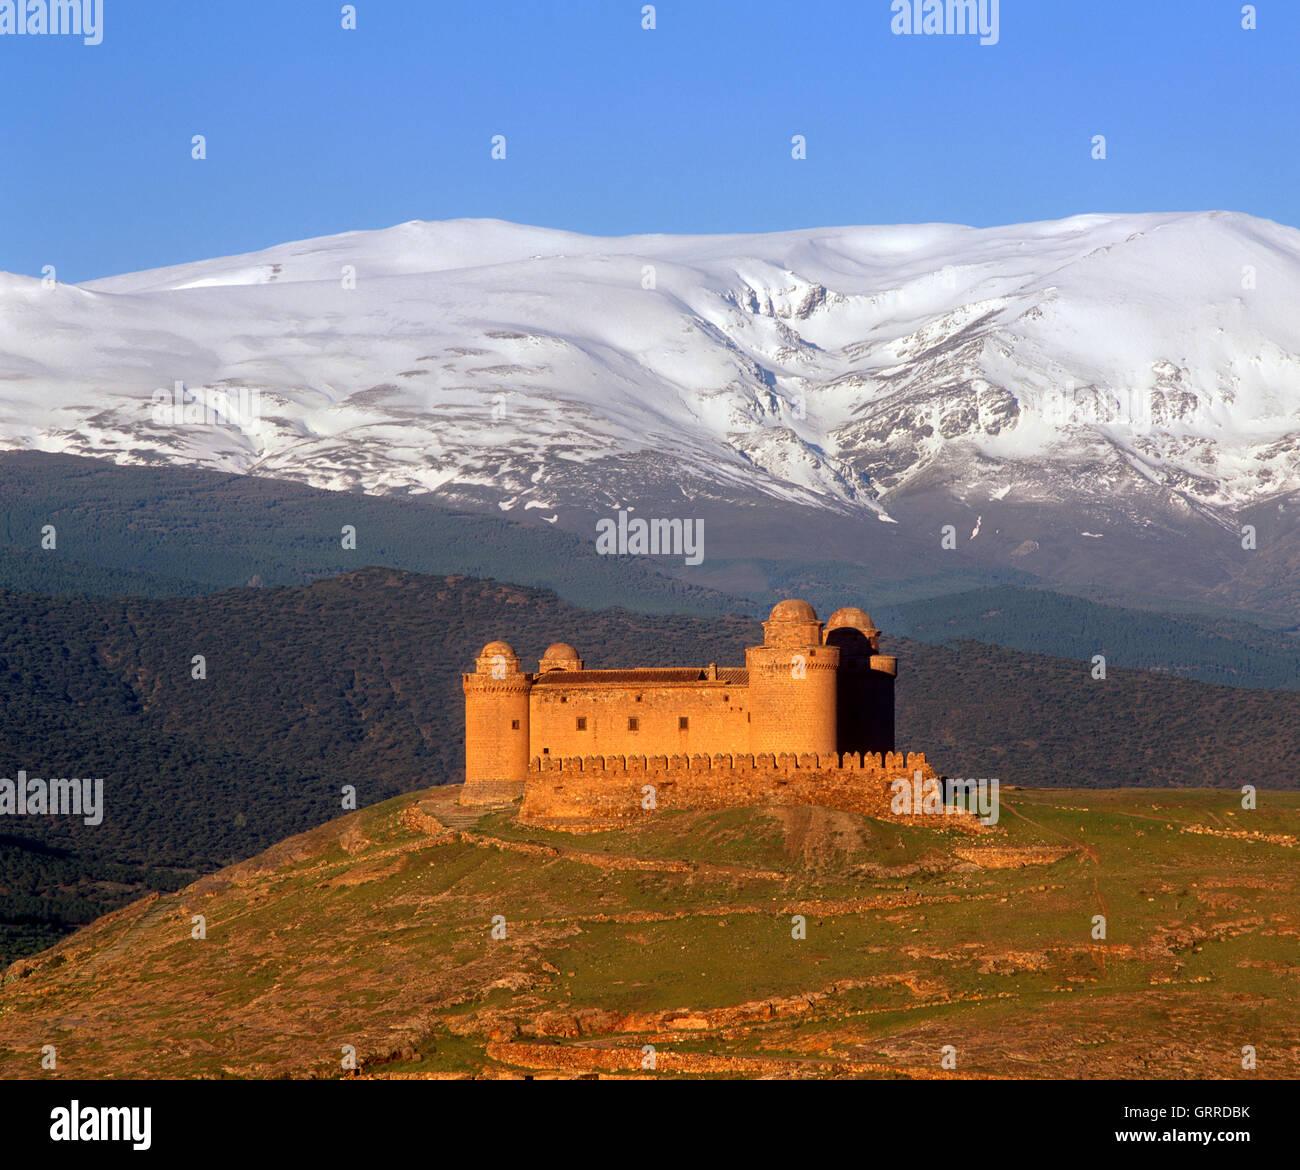 El castillo de La Calahorra y las nevadas montañas de Sierra Nevada, provincia de Granada, Andalucía, Imagen De Stock